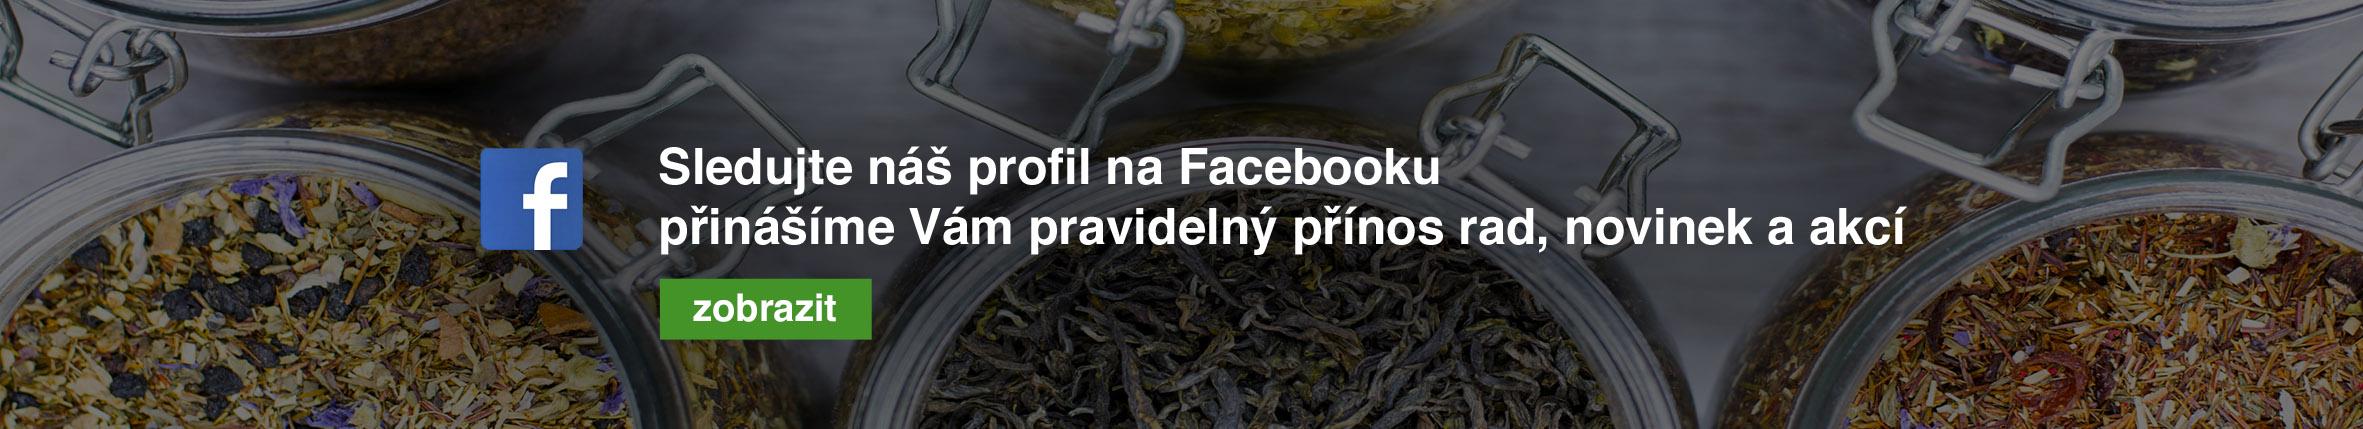 Sledujte náš profil na Facebooku